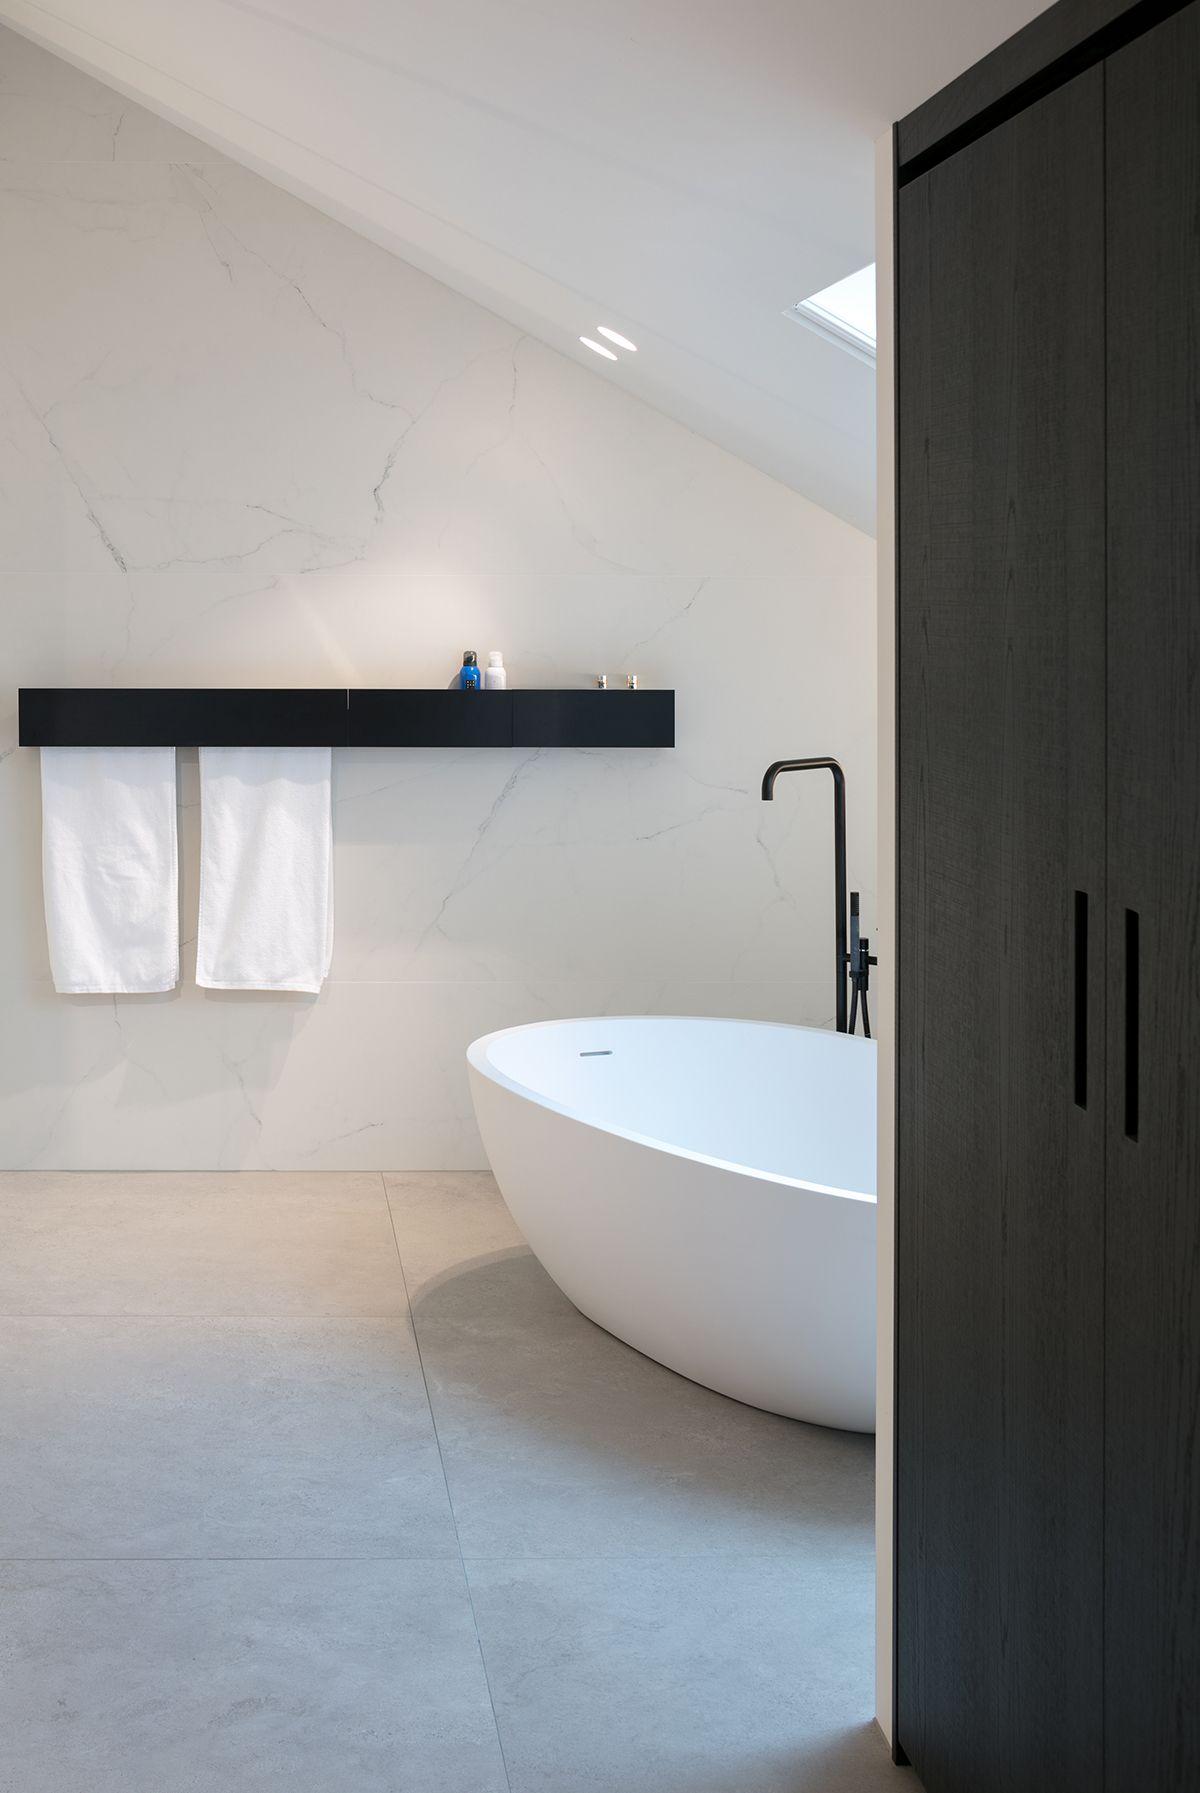 Agape spoon xl bad met Sen handdoekwarmer | Bathroom | Pinterest ...